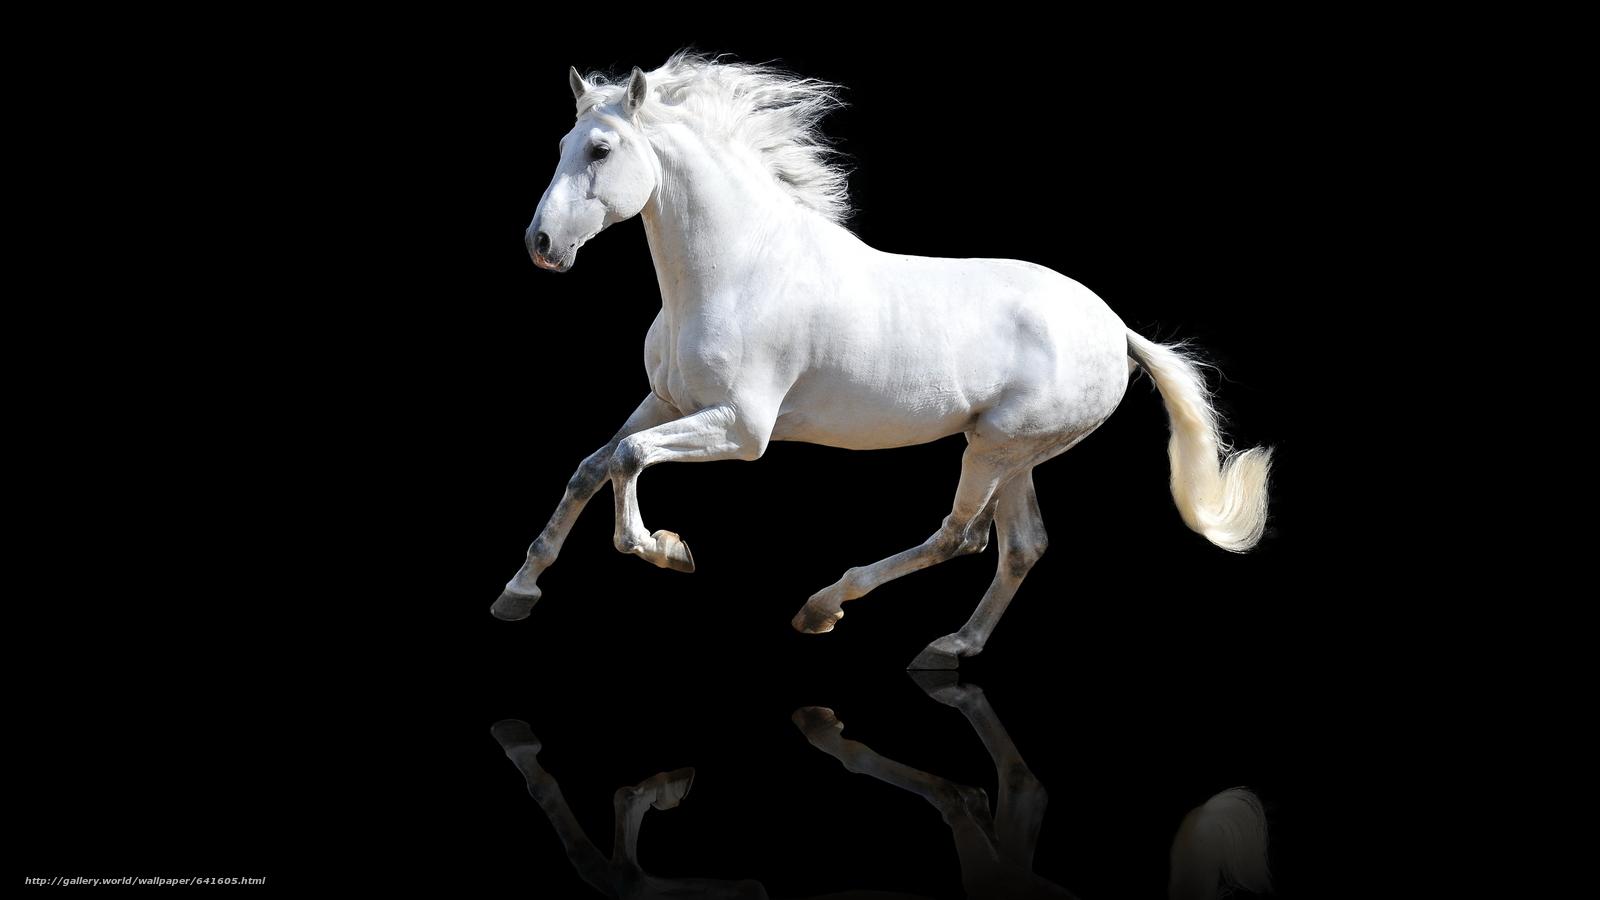 Скачать обои животные,  кони,  лошади,  конь бесплатно для рабочего стола в разрешении 9614x5407 — картинка №641605